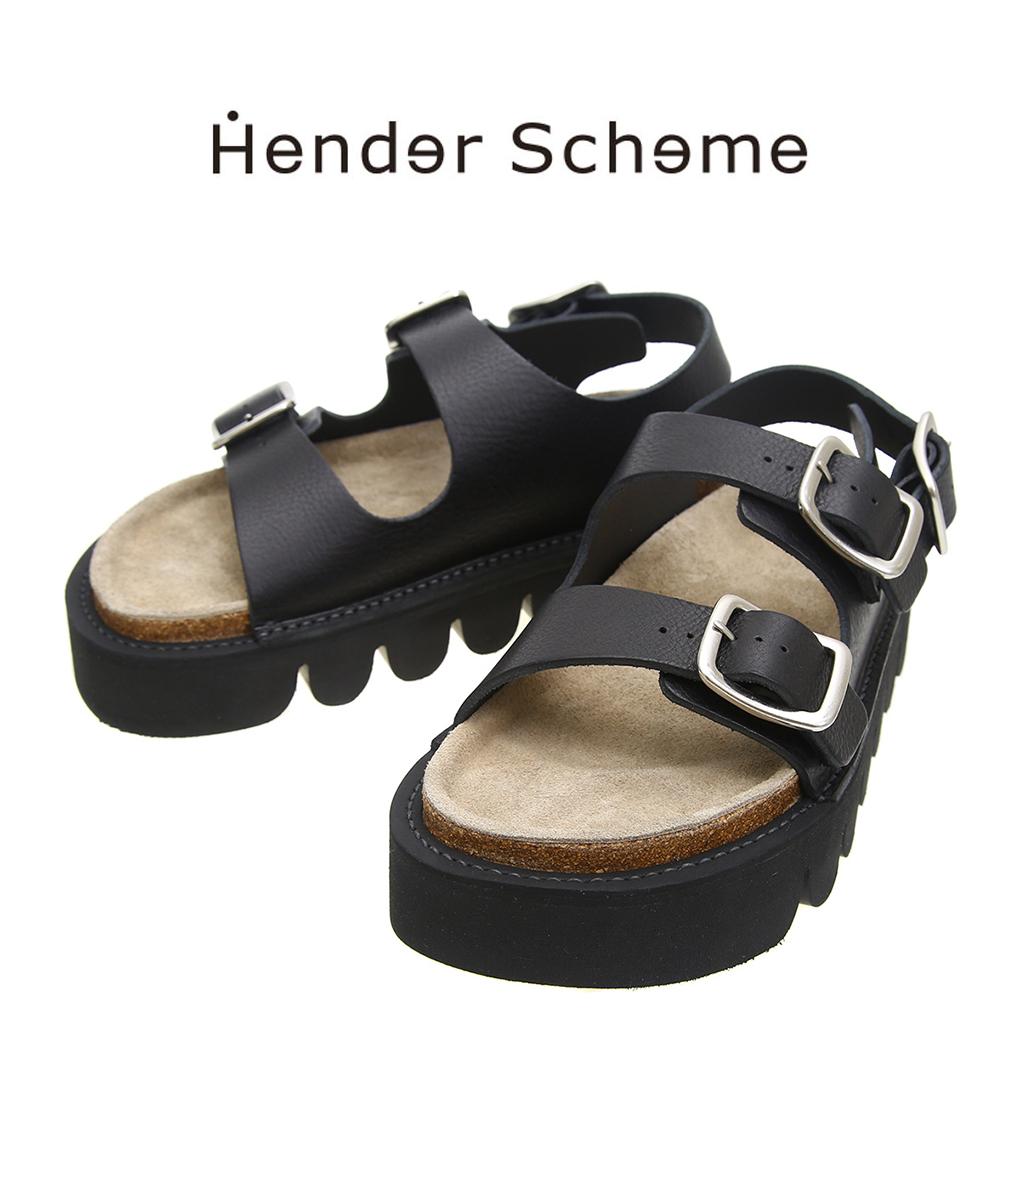 Hender Scheme / エンダースキーマ : Eric : エンダースキーマ エリック 靴 サンダル シューズ メンズ レディース : di-s-erc 【RIP】【ANN】【BJB】